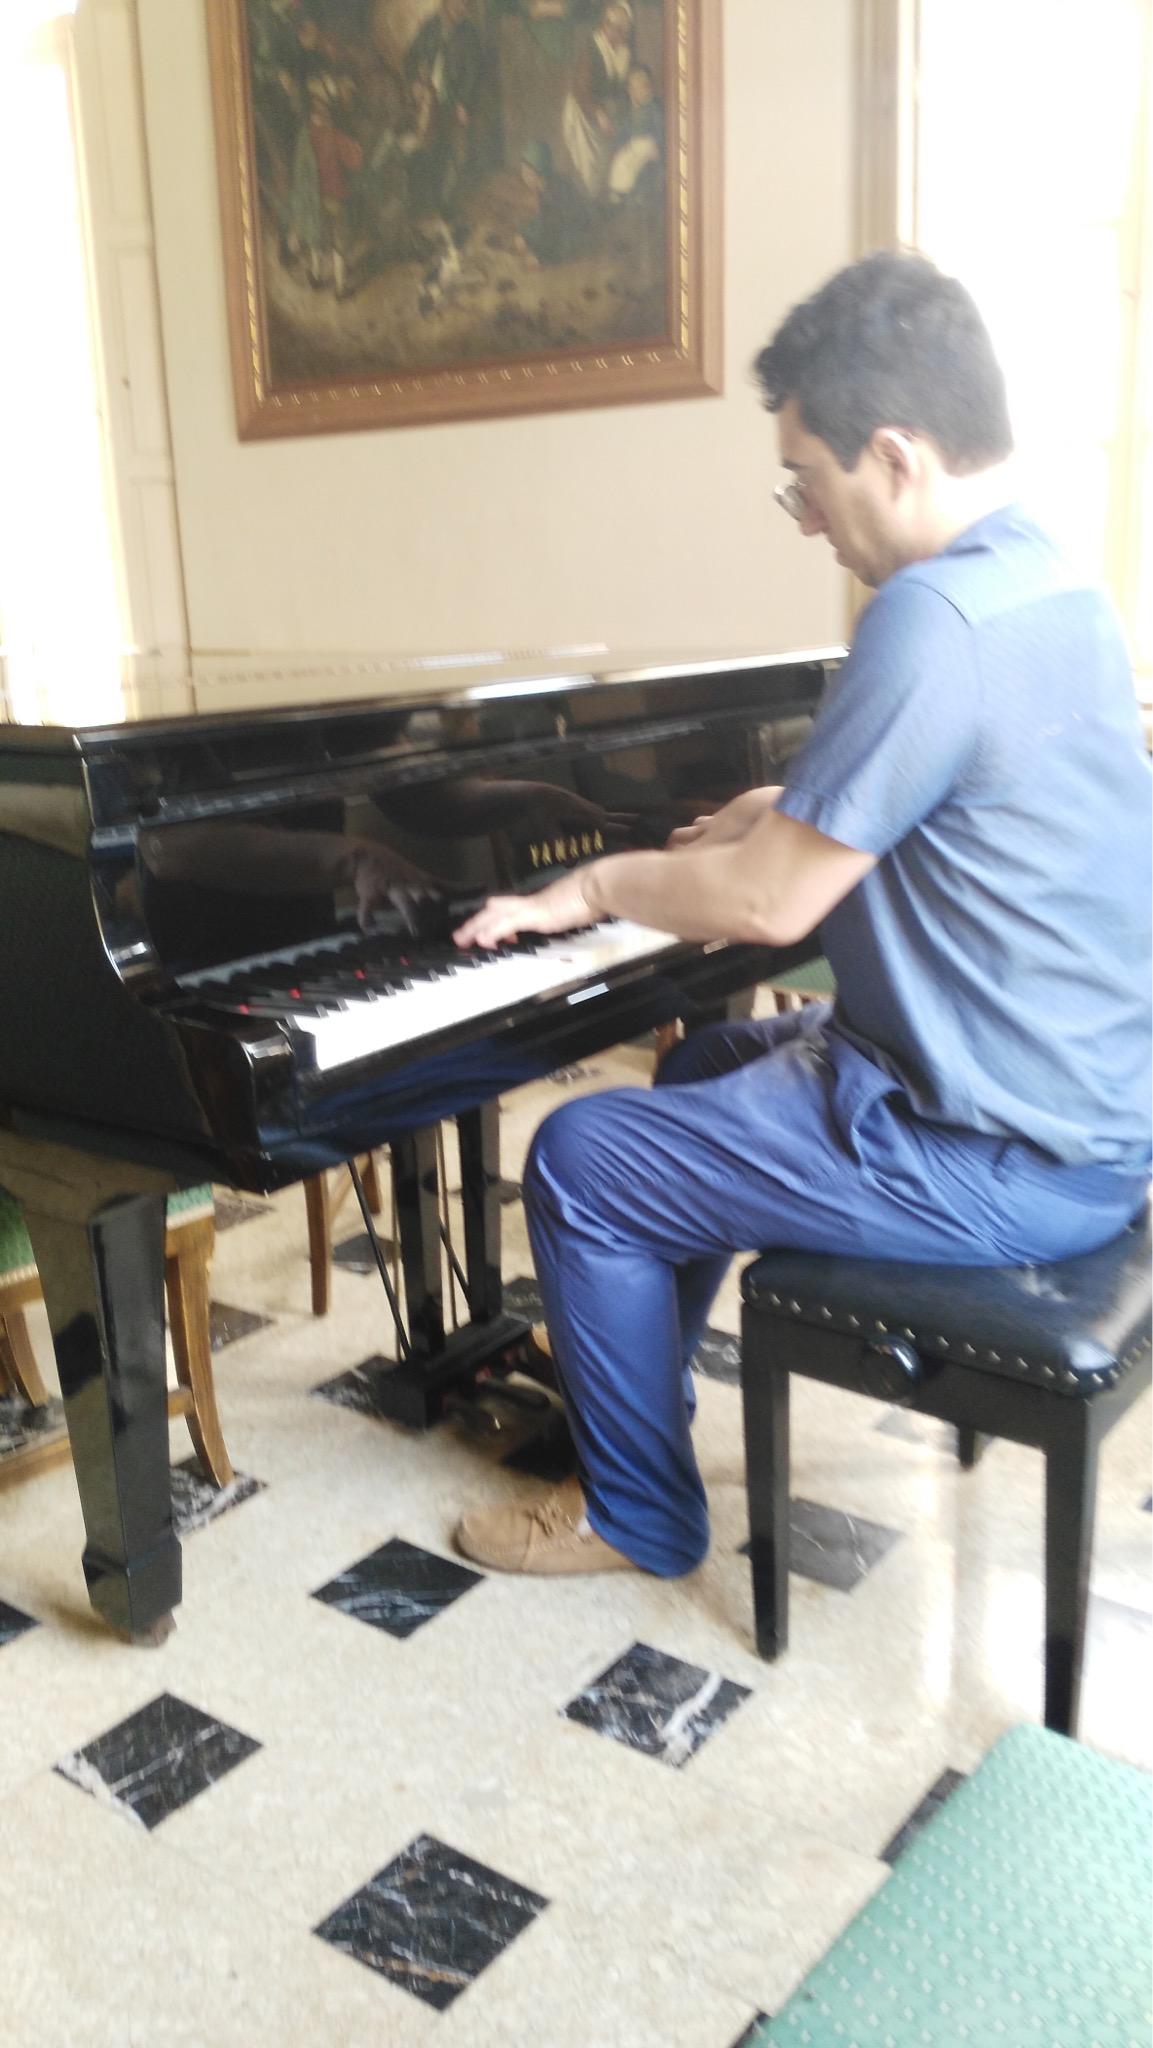 Profesor Licenciado en Piano - Sevilla